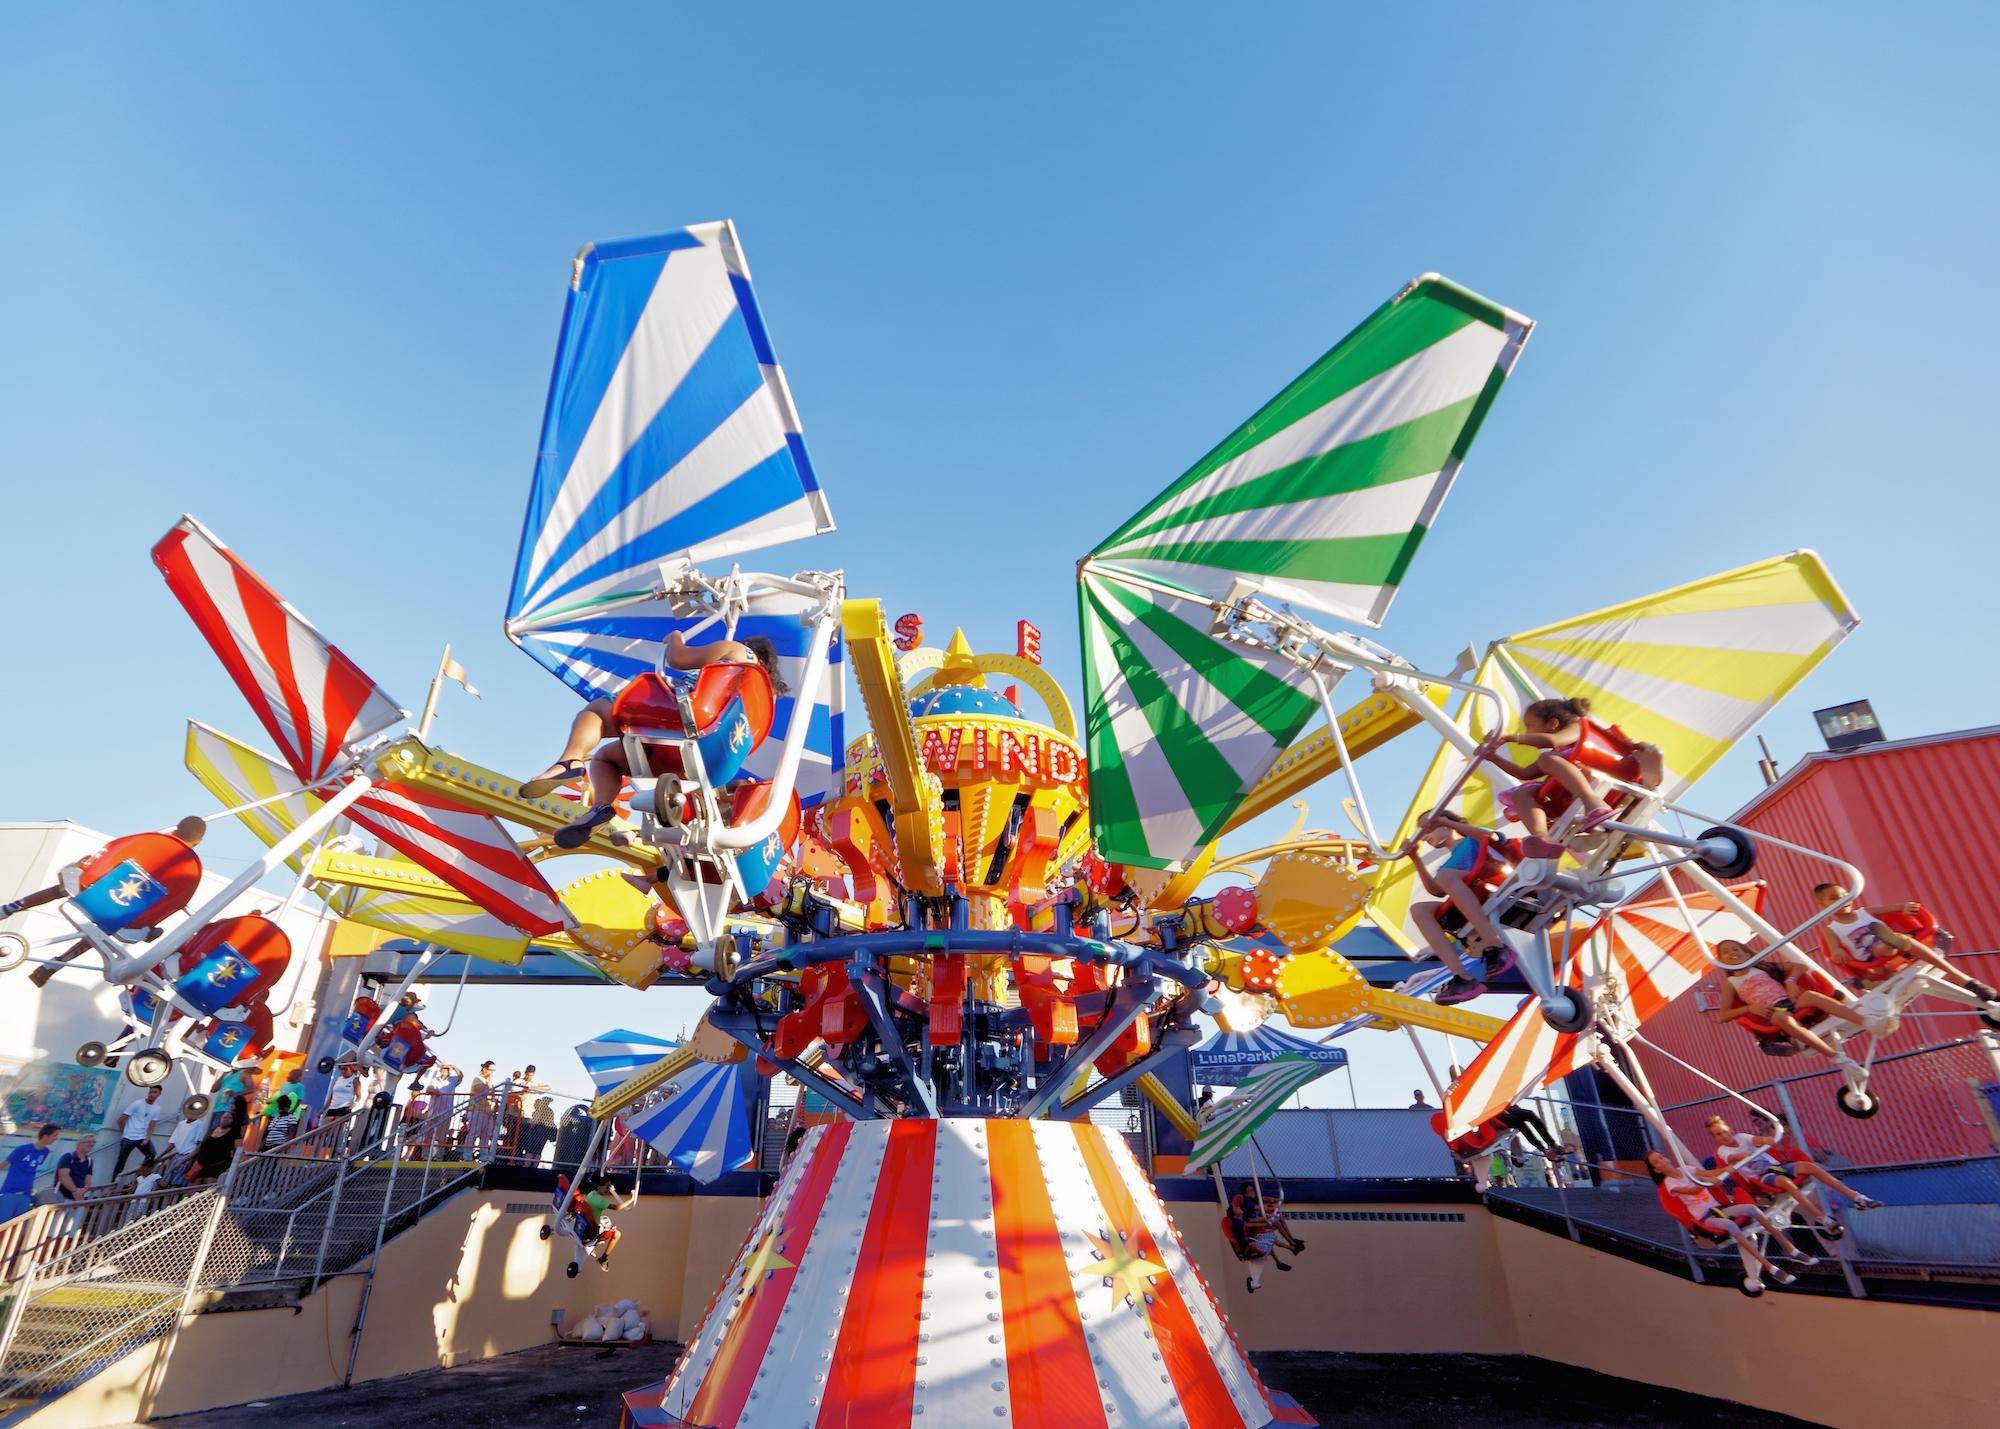 rides attractions luna park melbourne